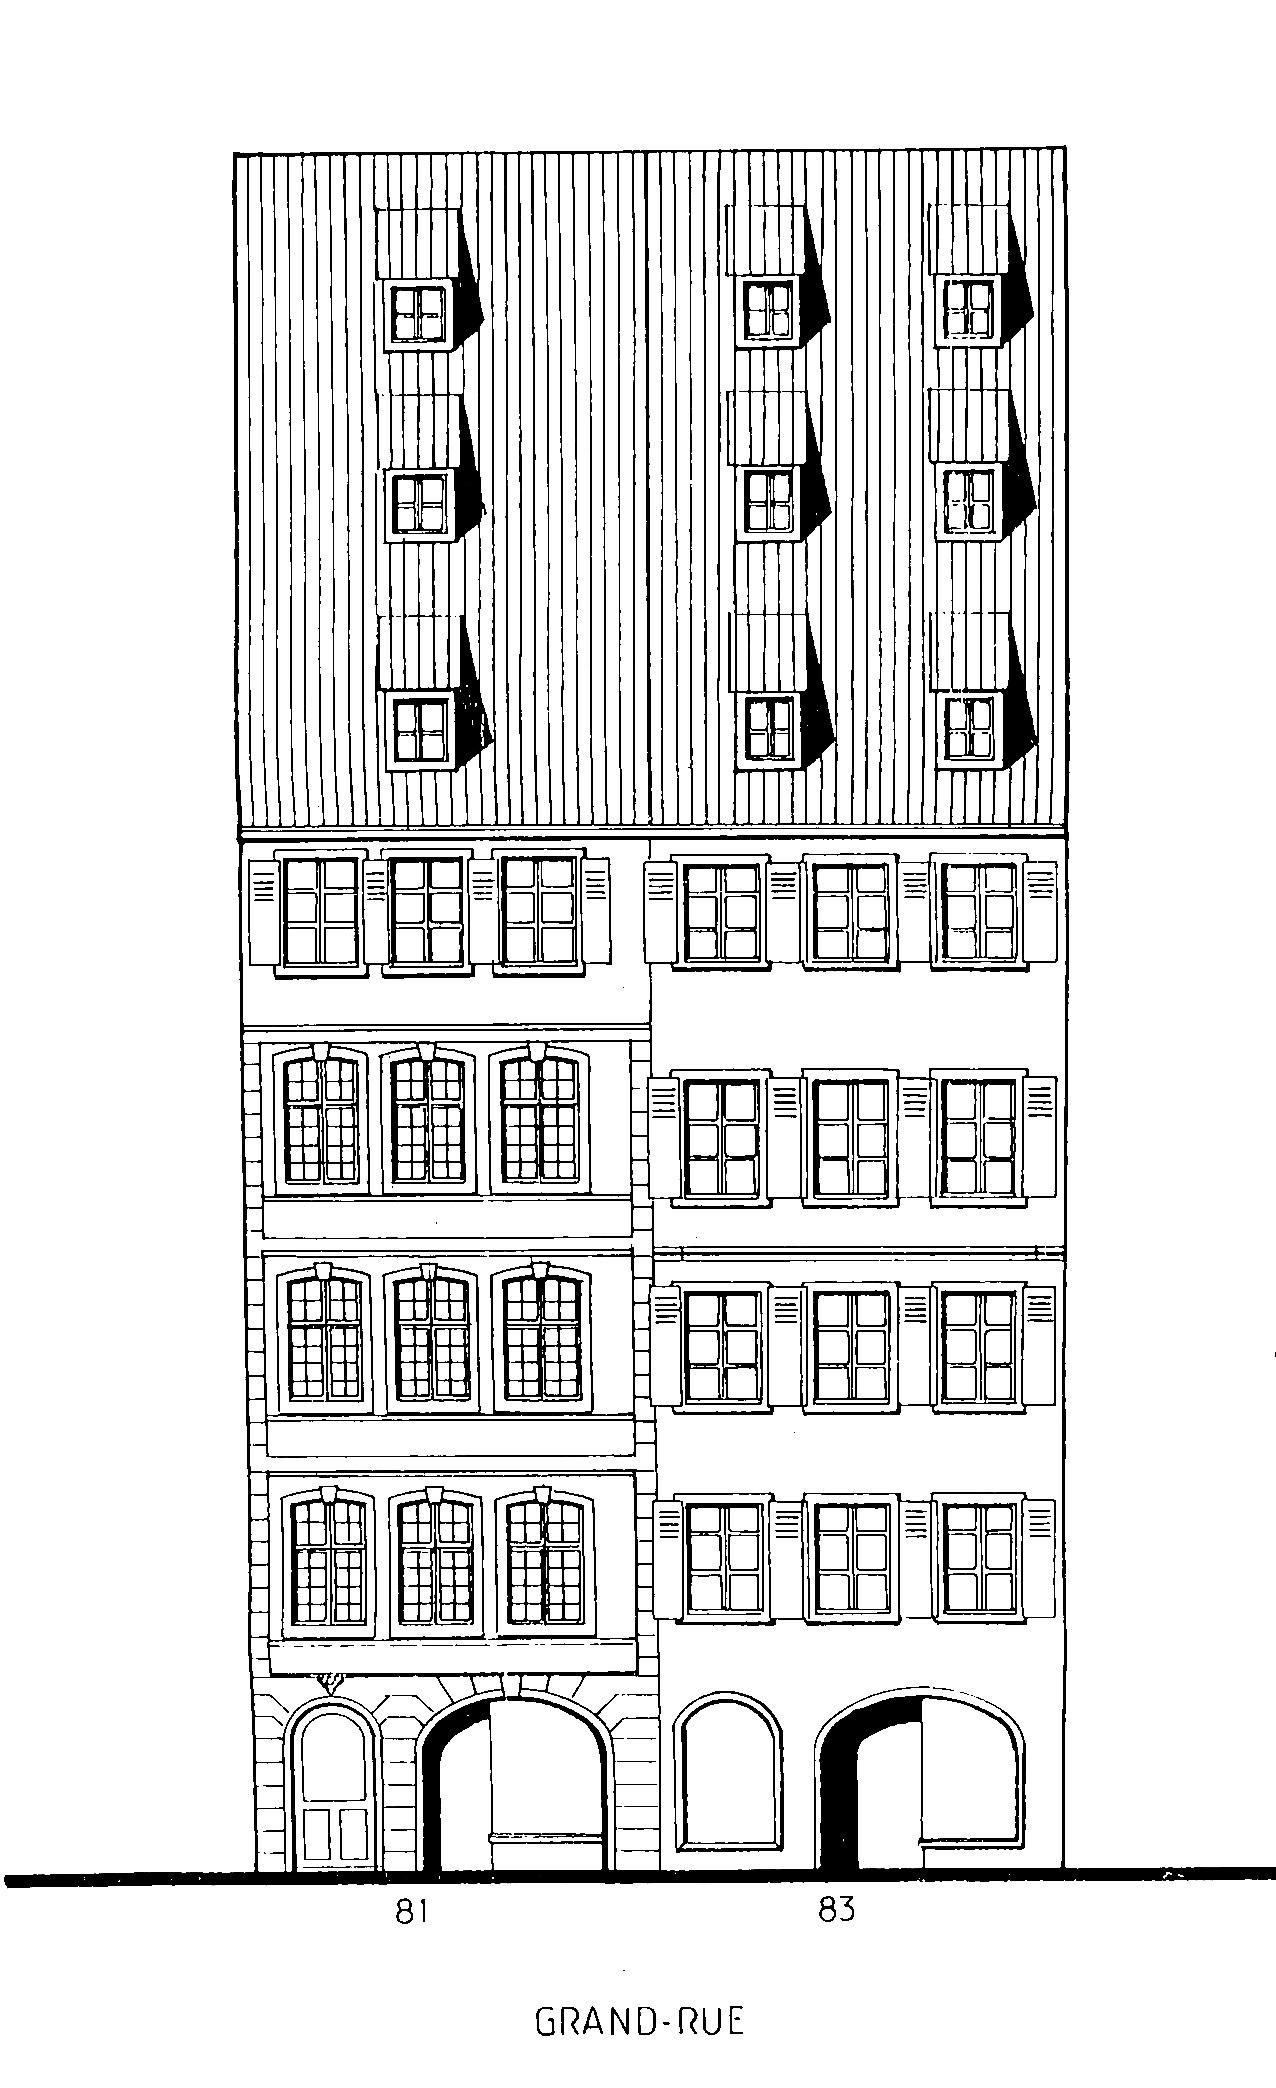 Grand-rue-81-1989-El%C3%A9vations-1197-W-37 Luxe De Salon De Jardin Super U 149 Des Idées